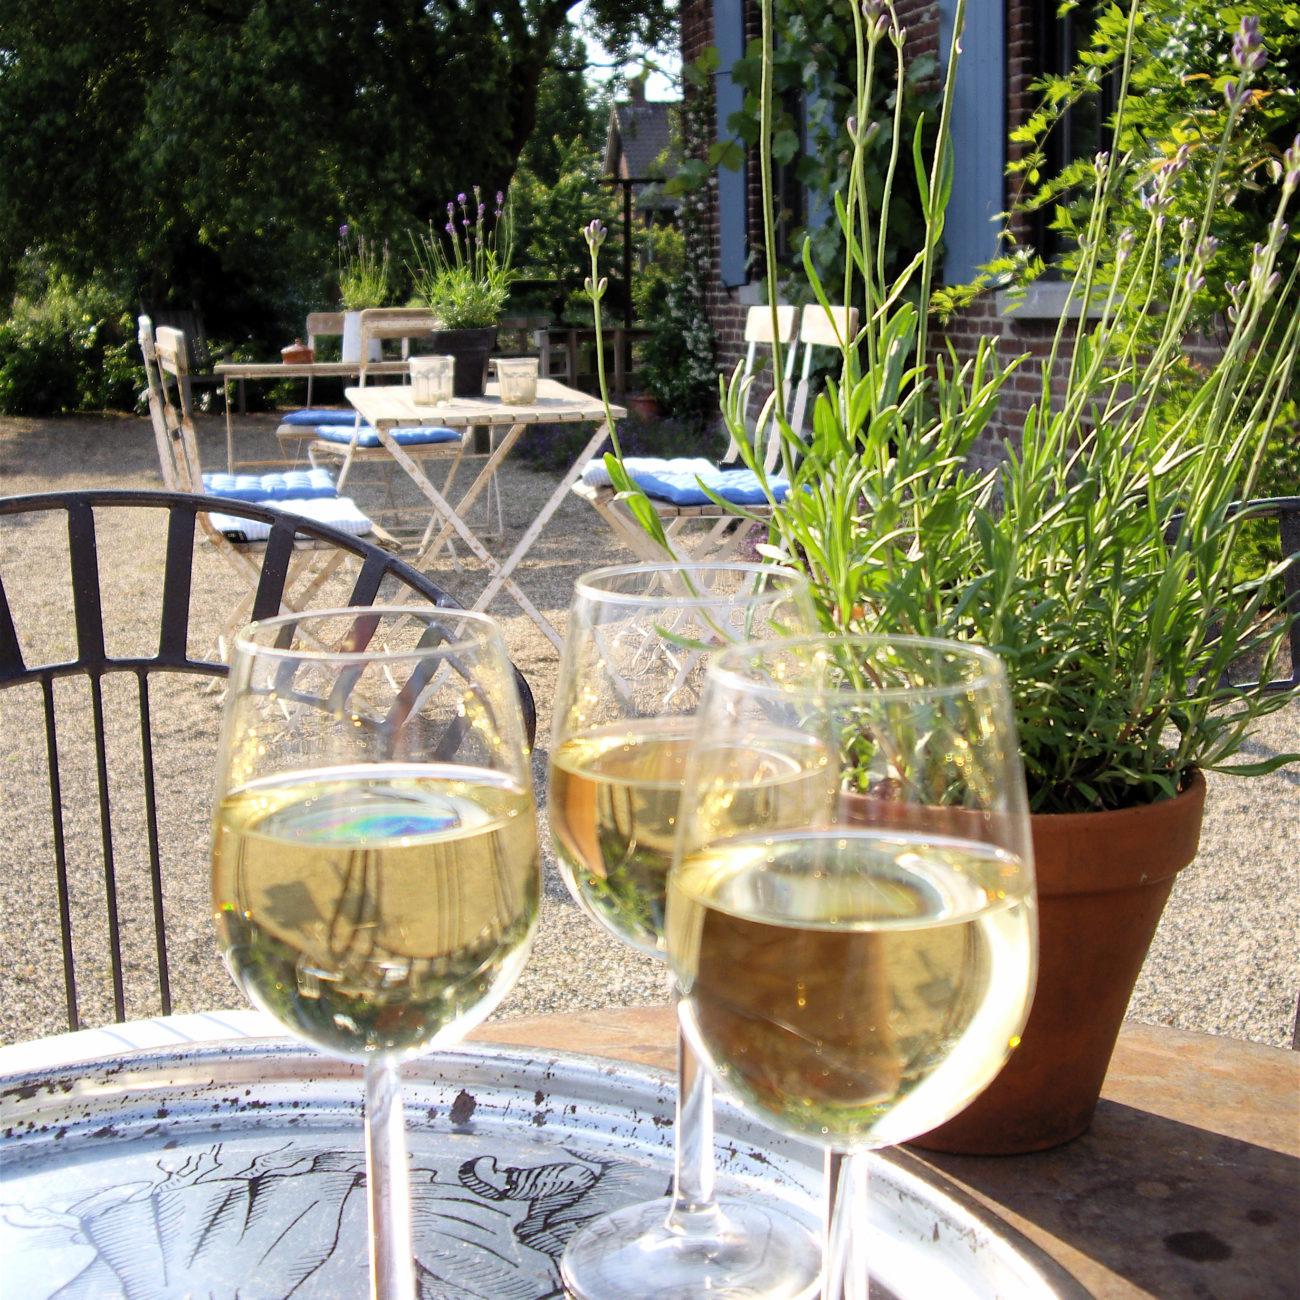 Bijzonder uit eten in Franse sfeer, glazen wijn op terras